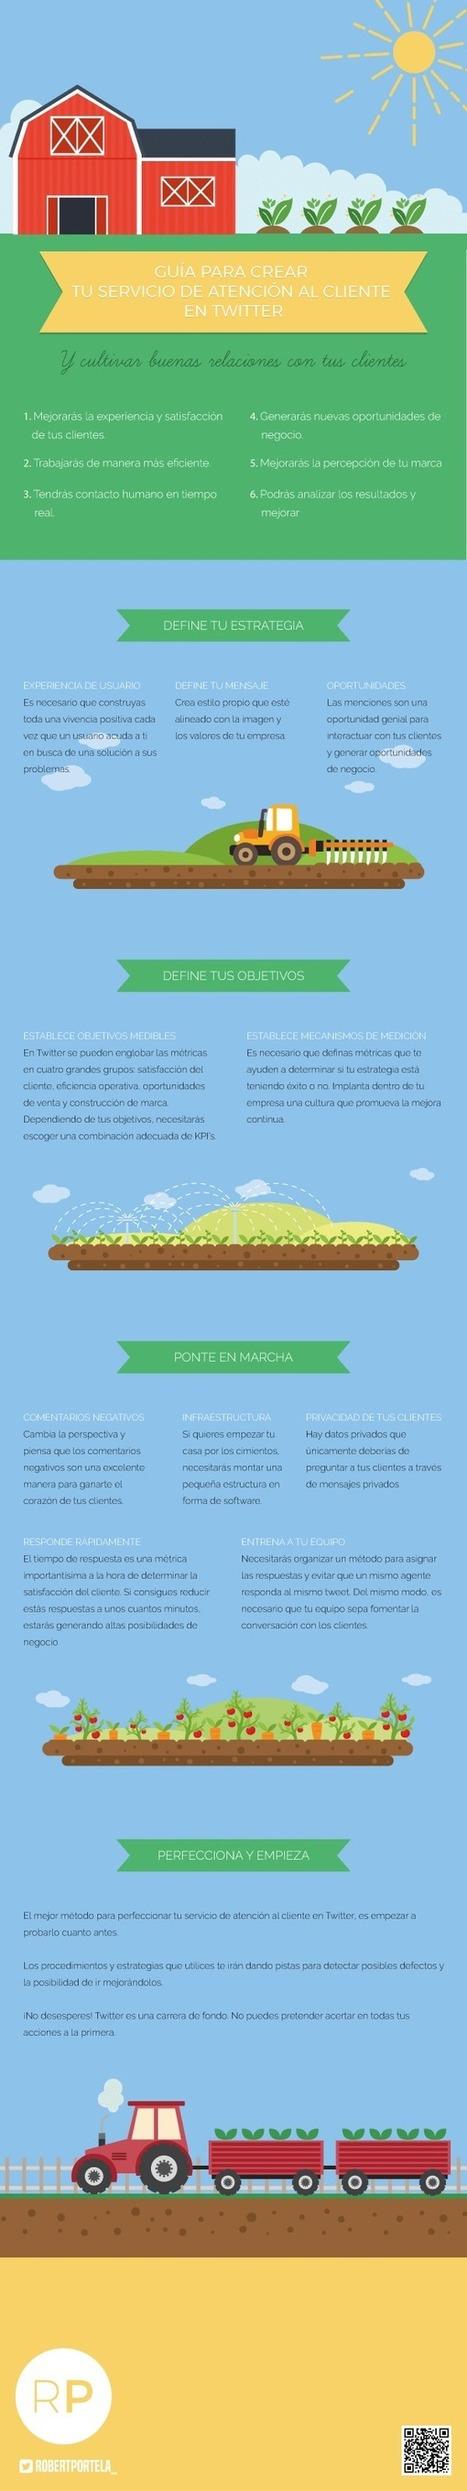 Cómo crear un servicio de atención al cliente en Twitter #infografia #socialmedia #marketing | Mundo Marquetero Digital | Scoop.it